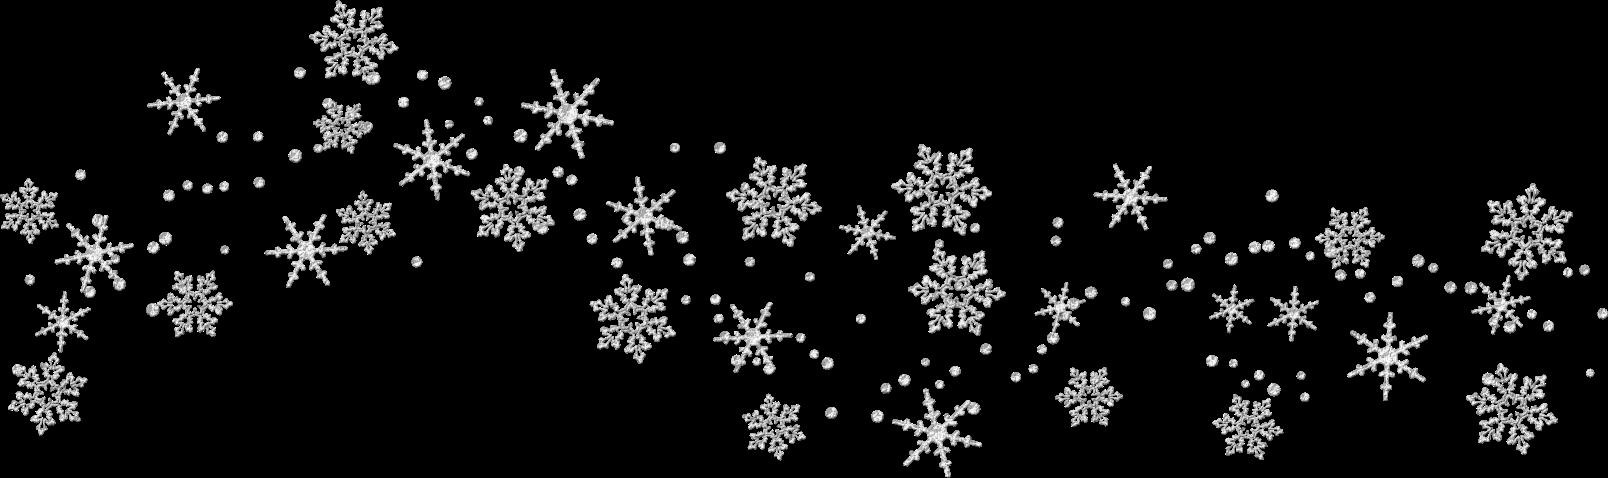 Transparent Snowflakes Clipart Snowflake clipart, Clip